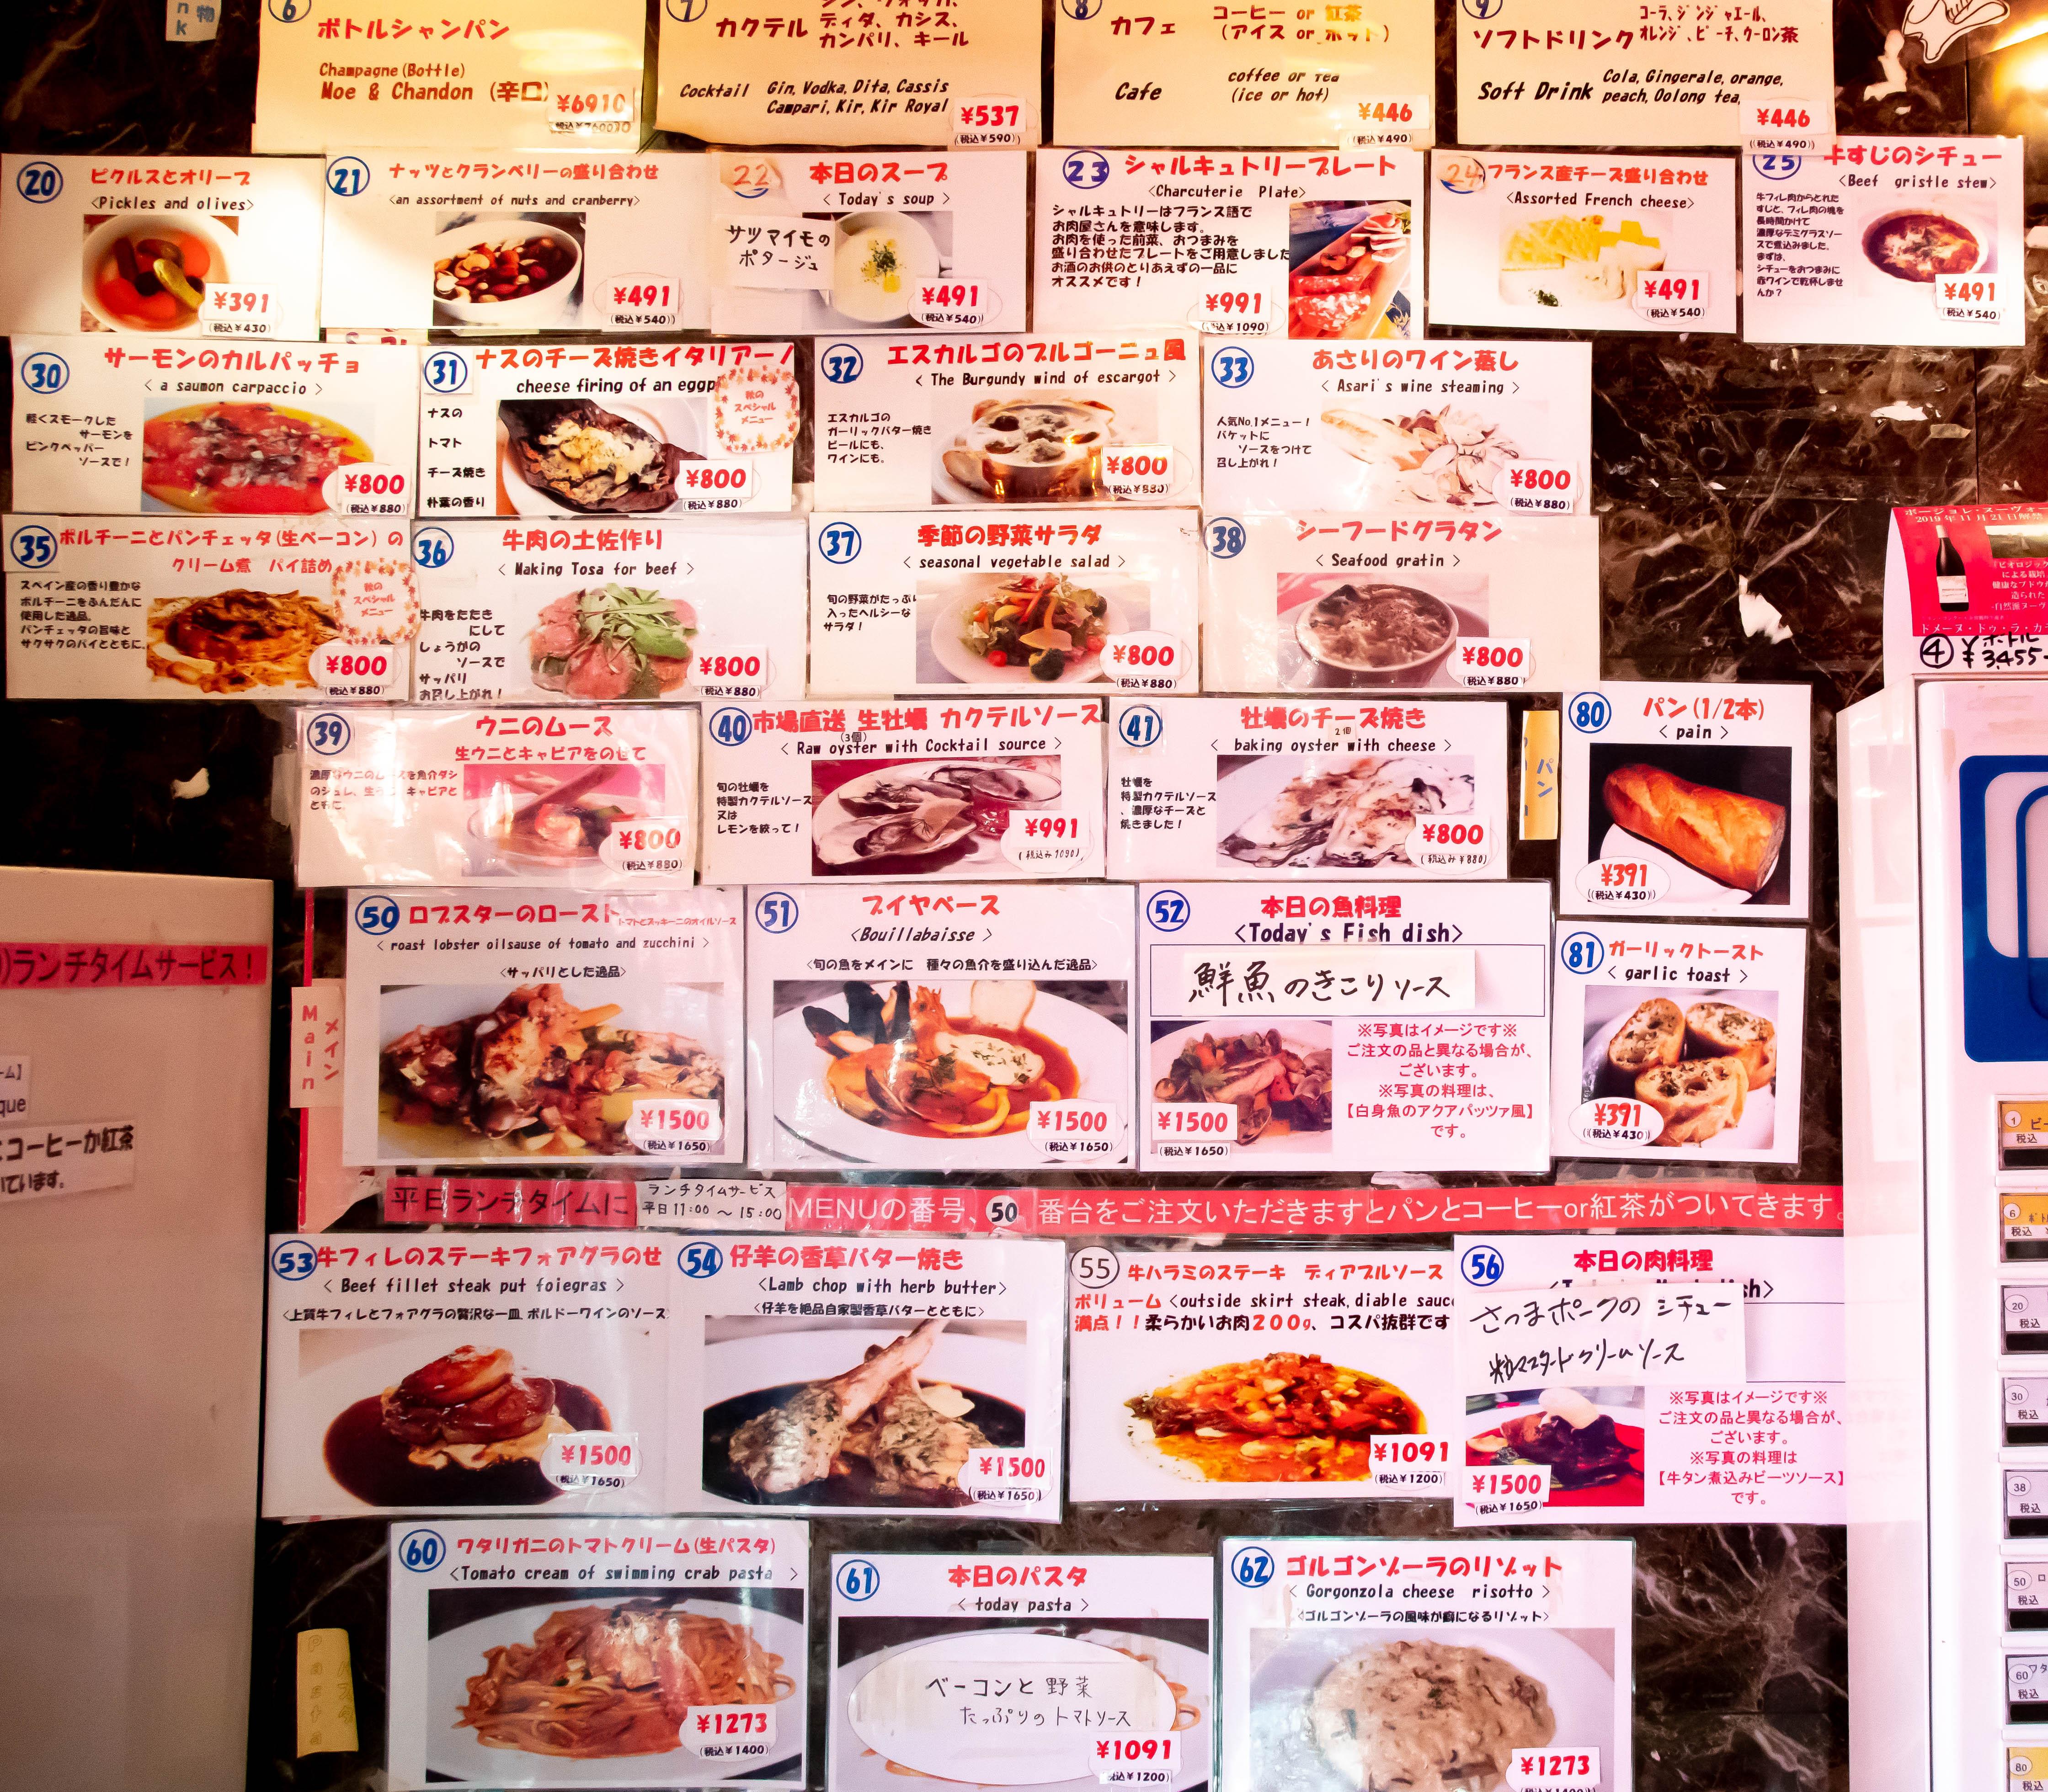 券売機付近に貼られたメニューの数々。その破格の値段に驚かされる